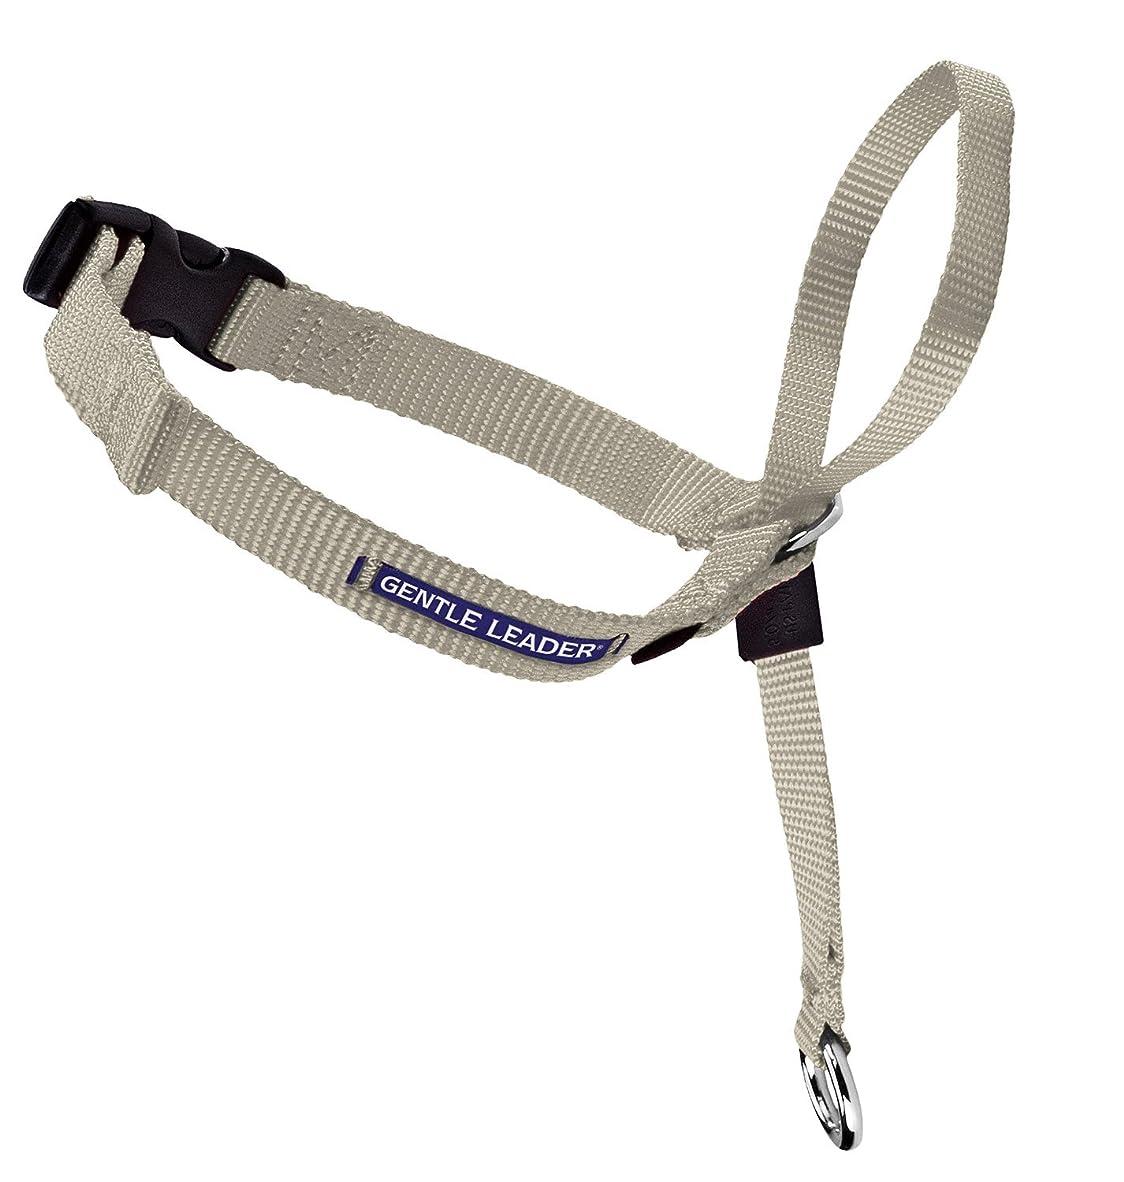 敏感な列挙する交通渋滞Wwin ペット用品 リード 犬のリーシュ トレーニング 滑り止め 調節可能 軽量 散歩 訓練用 小型 中型 大型犬用リード 訓練リード ロングリード